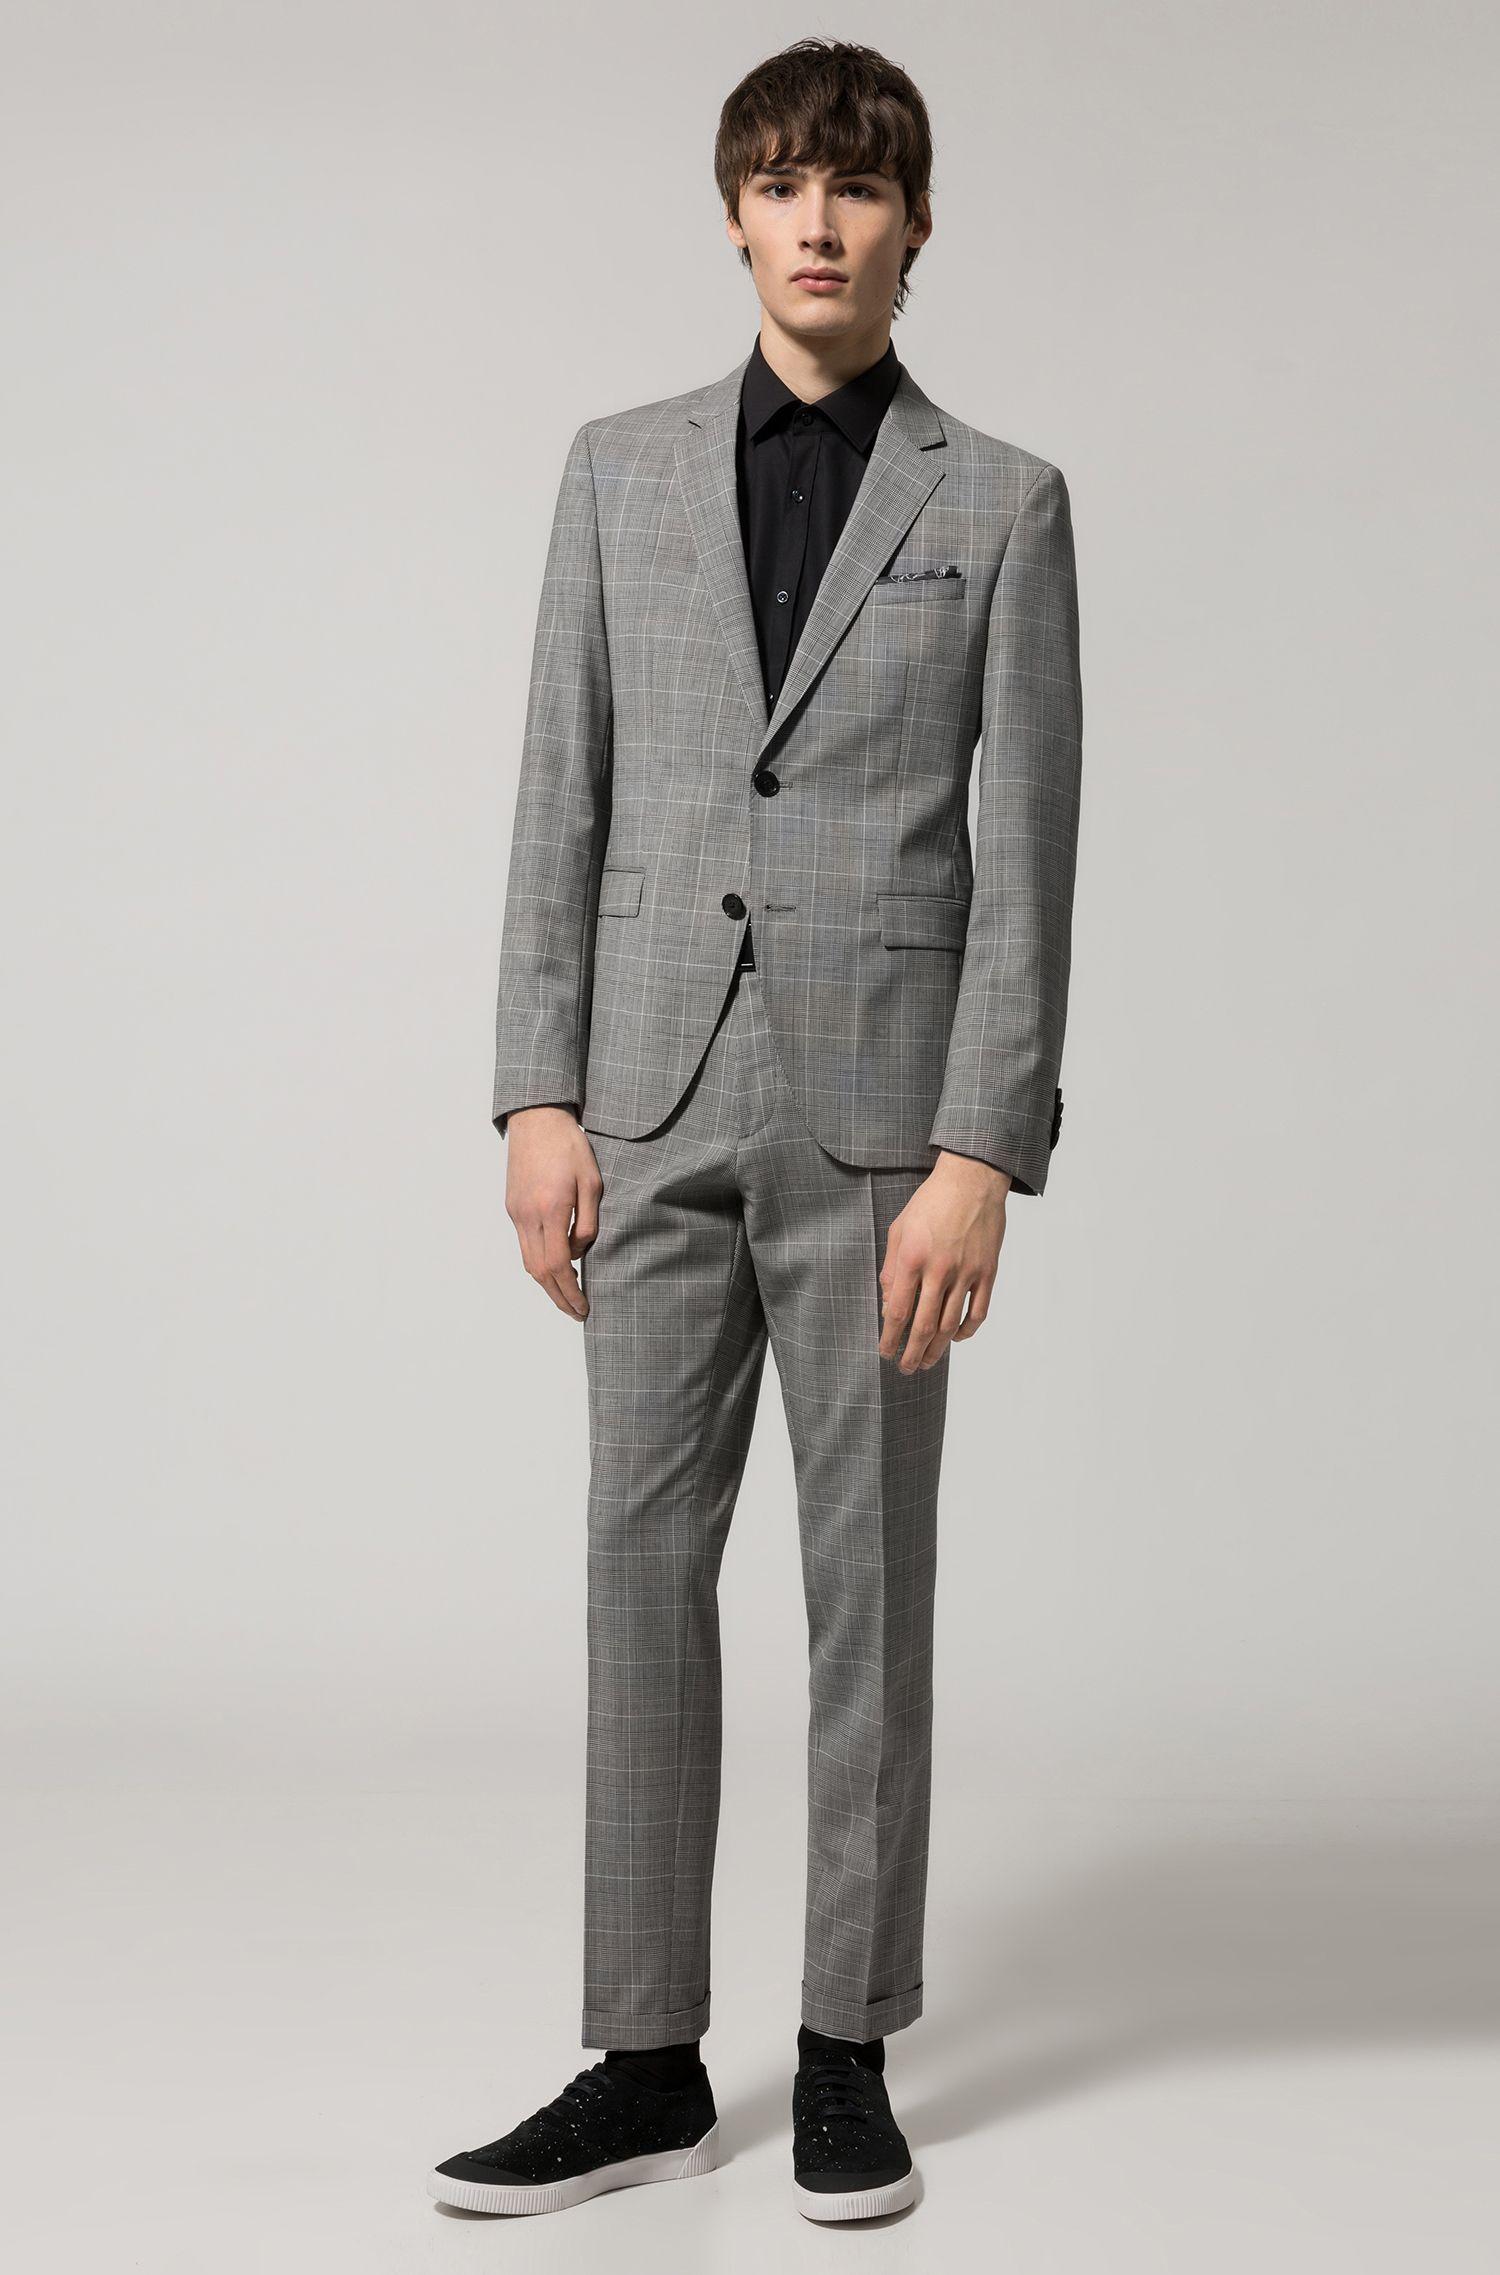 Costume Extra Slim Fit en laine vierge, à motif prince-de-galles